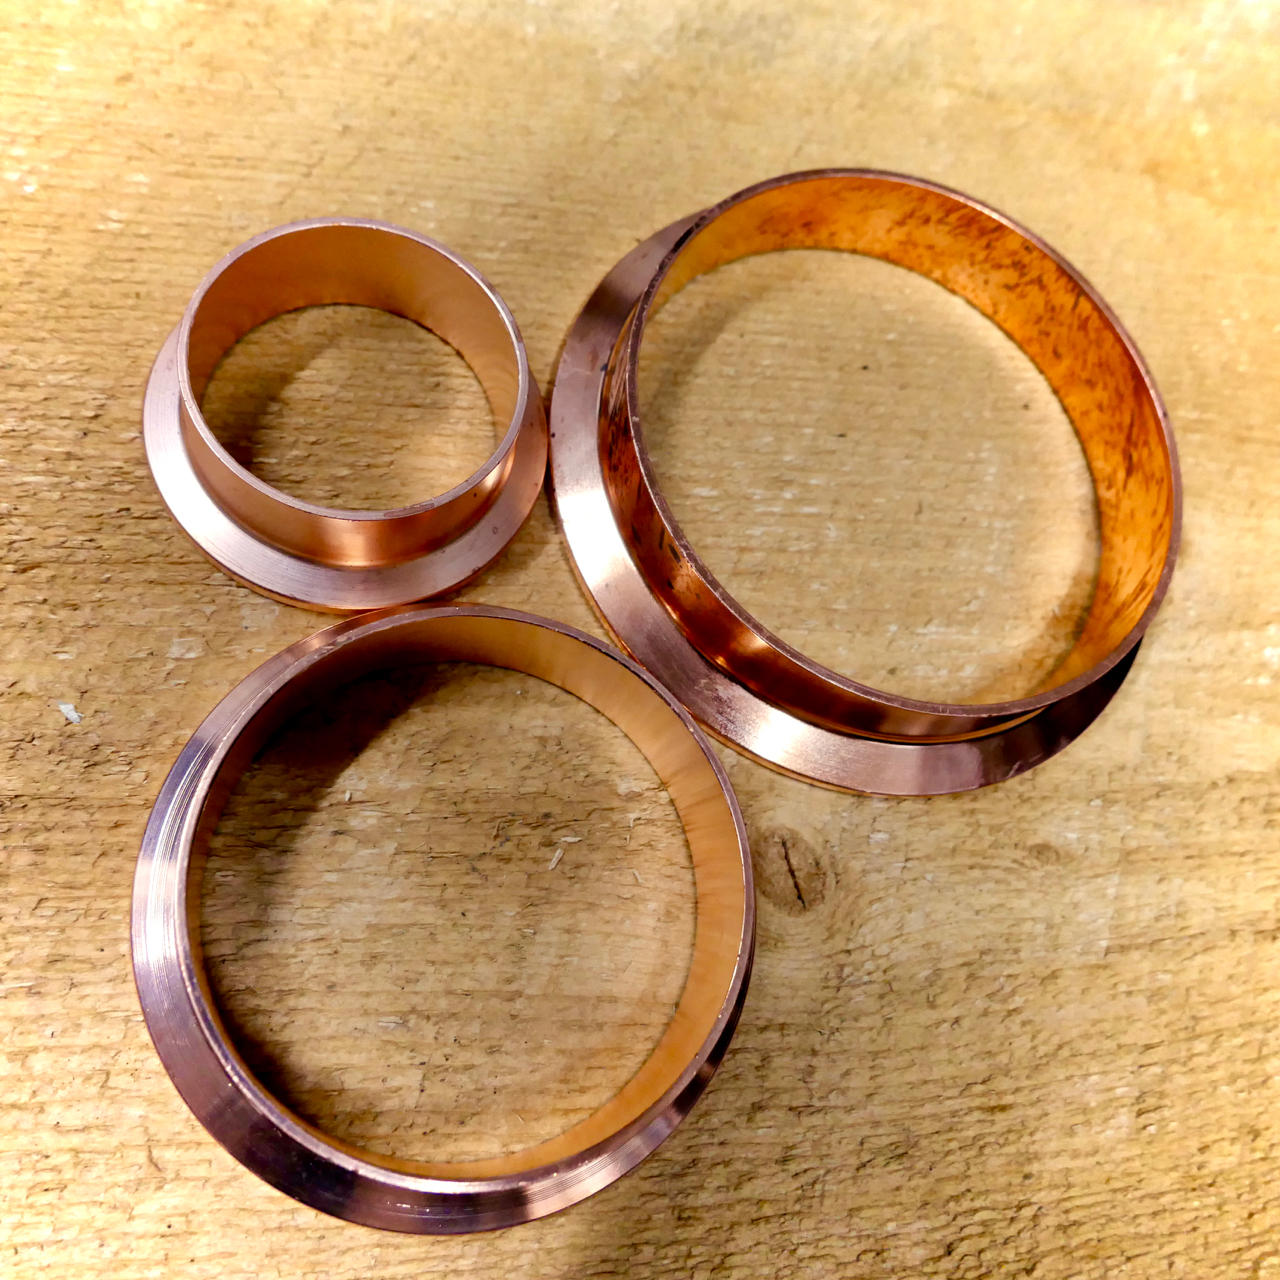 Copper Tri-clover Ferrule - Sanitary Fitting